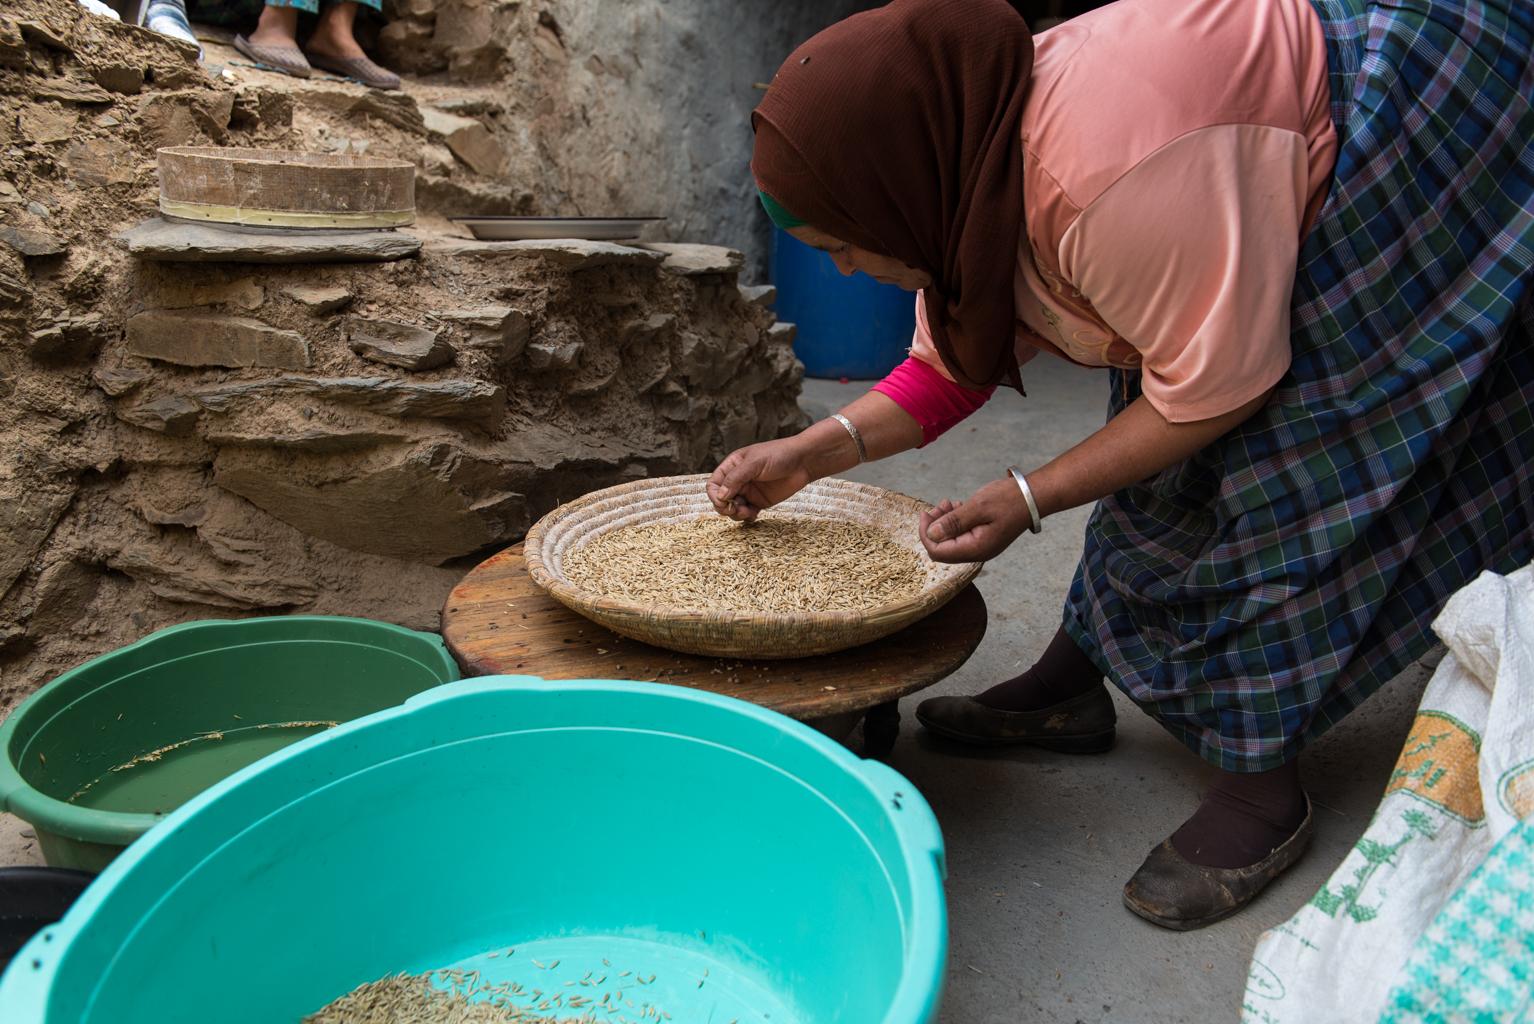 Femme triant du grain dans un tamis